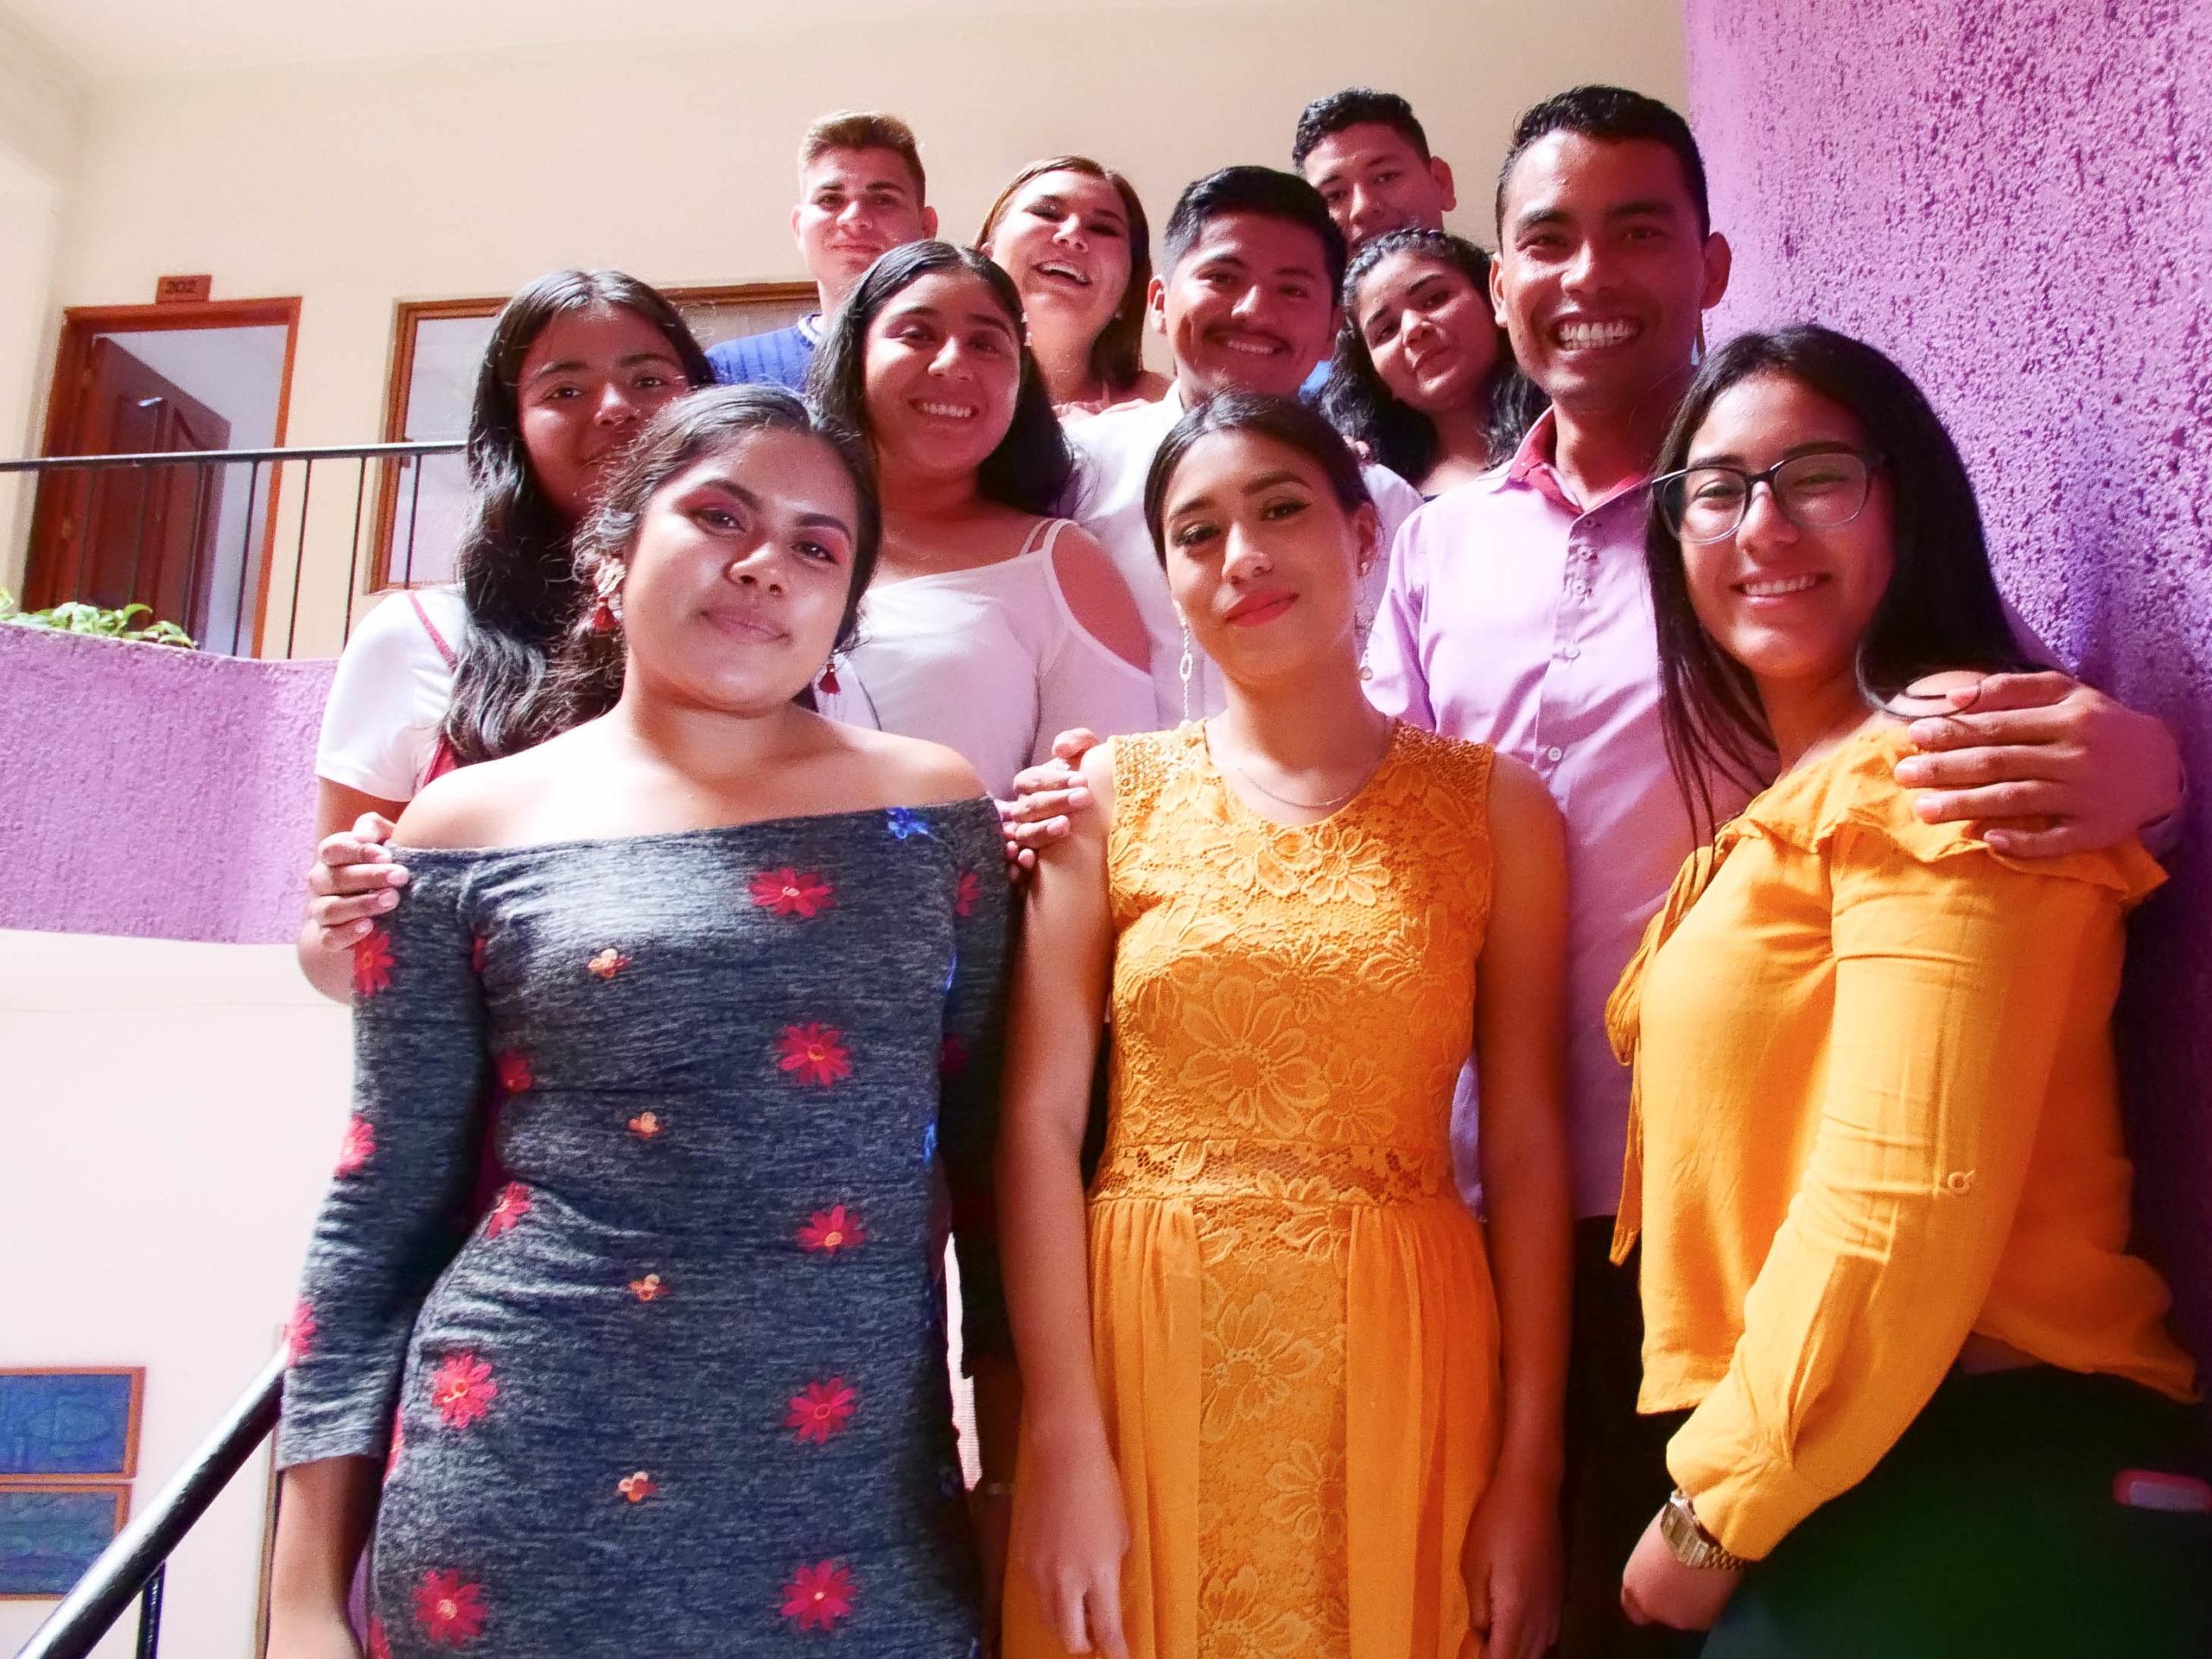 Proyecto de Comunidades de Aprendizaje Intergeneracionales en Tepic, Nayarit